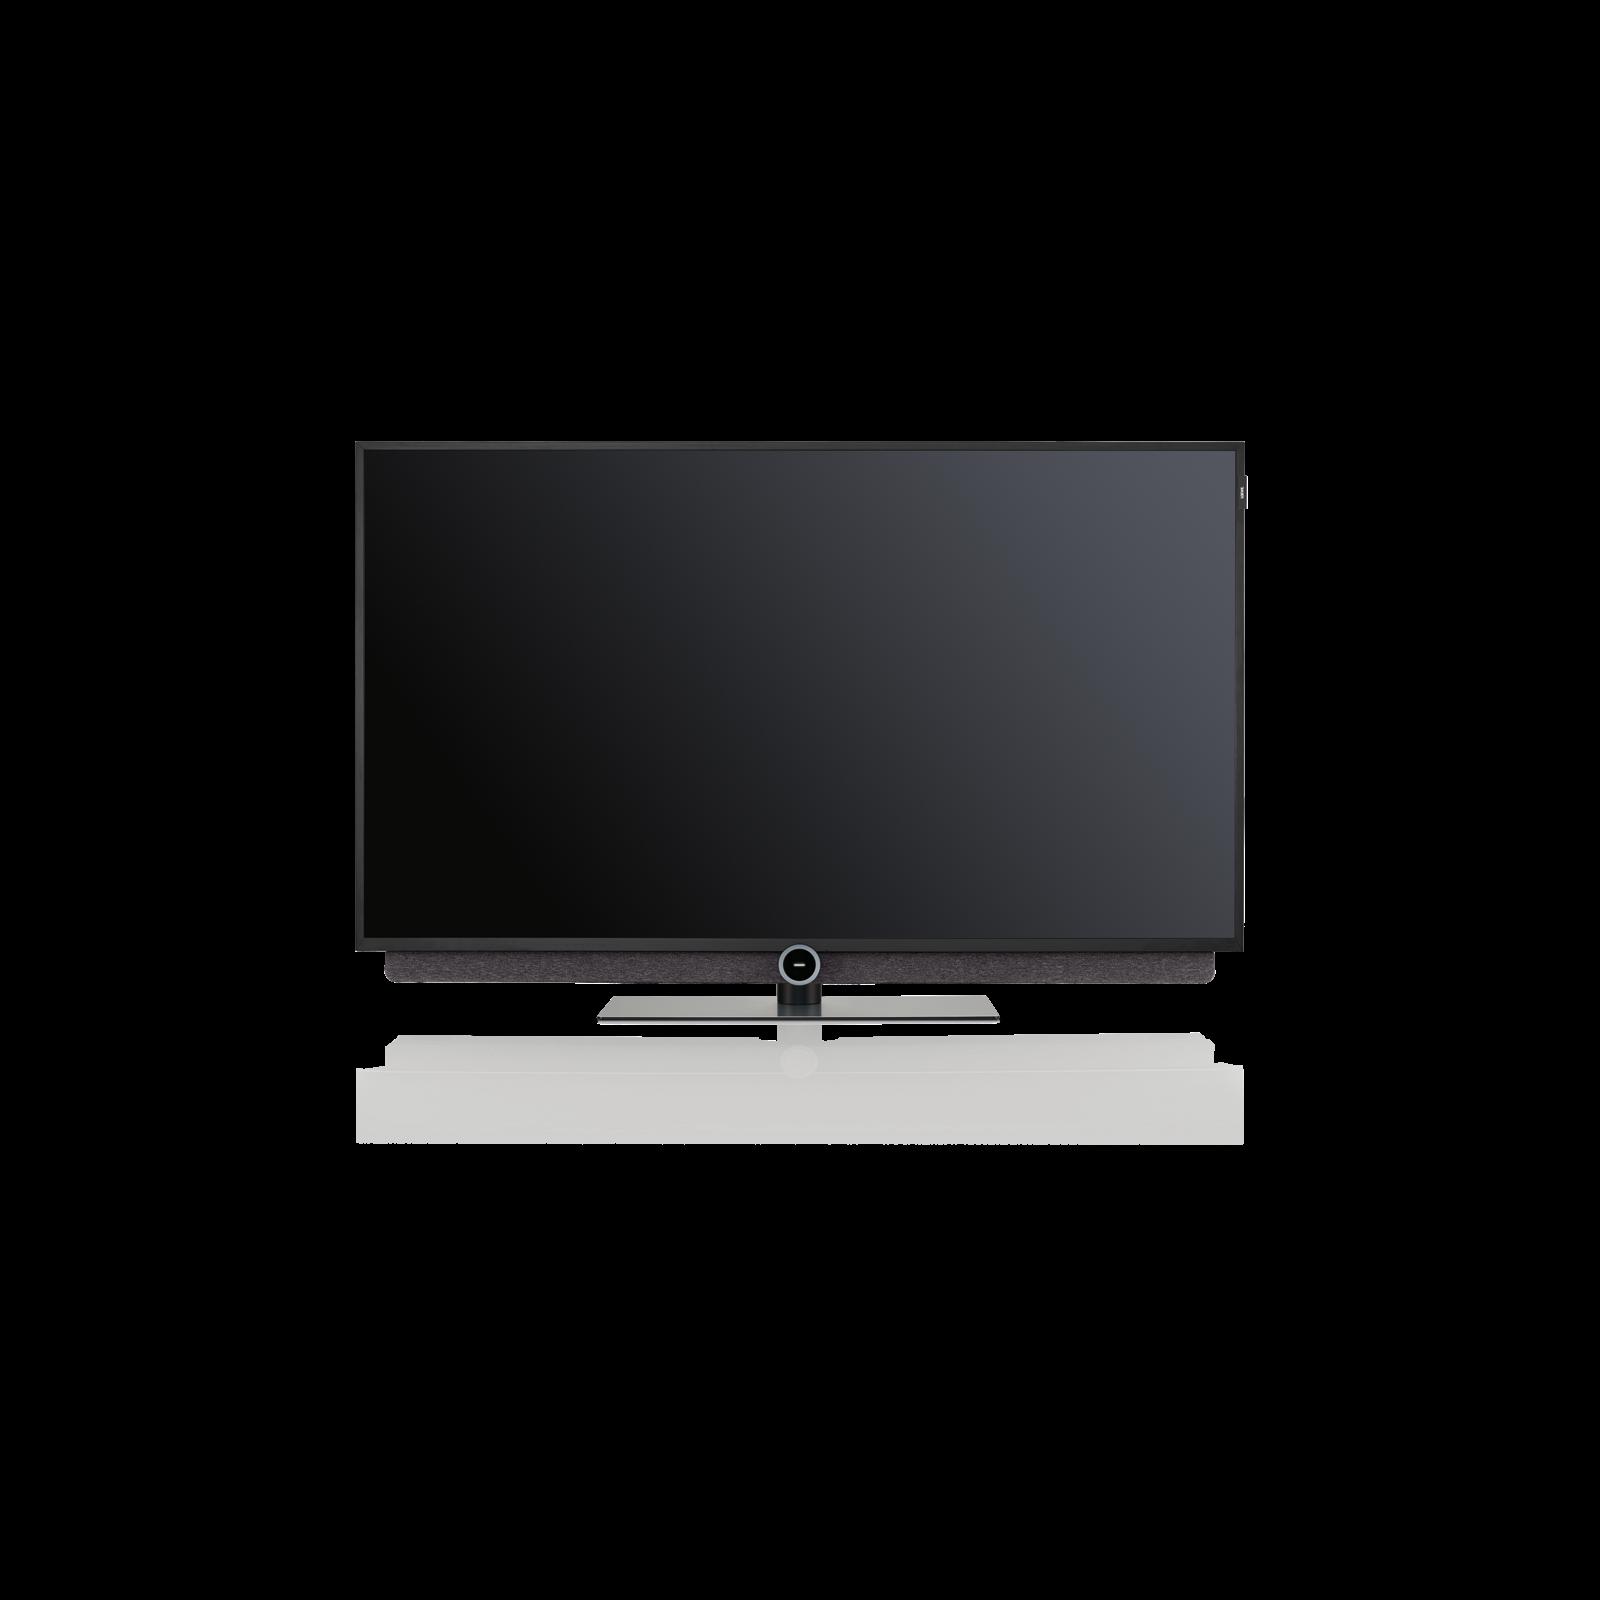 loewe bild 3 oled 55 4k smart tv home media. Black Bedroom Furniture Sets. Home Design Ideas